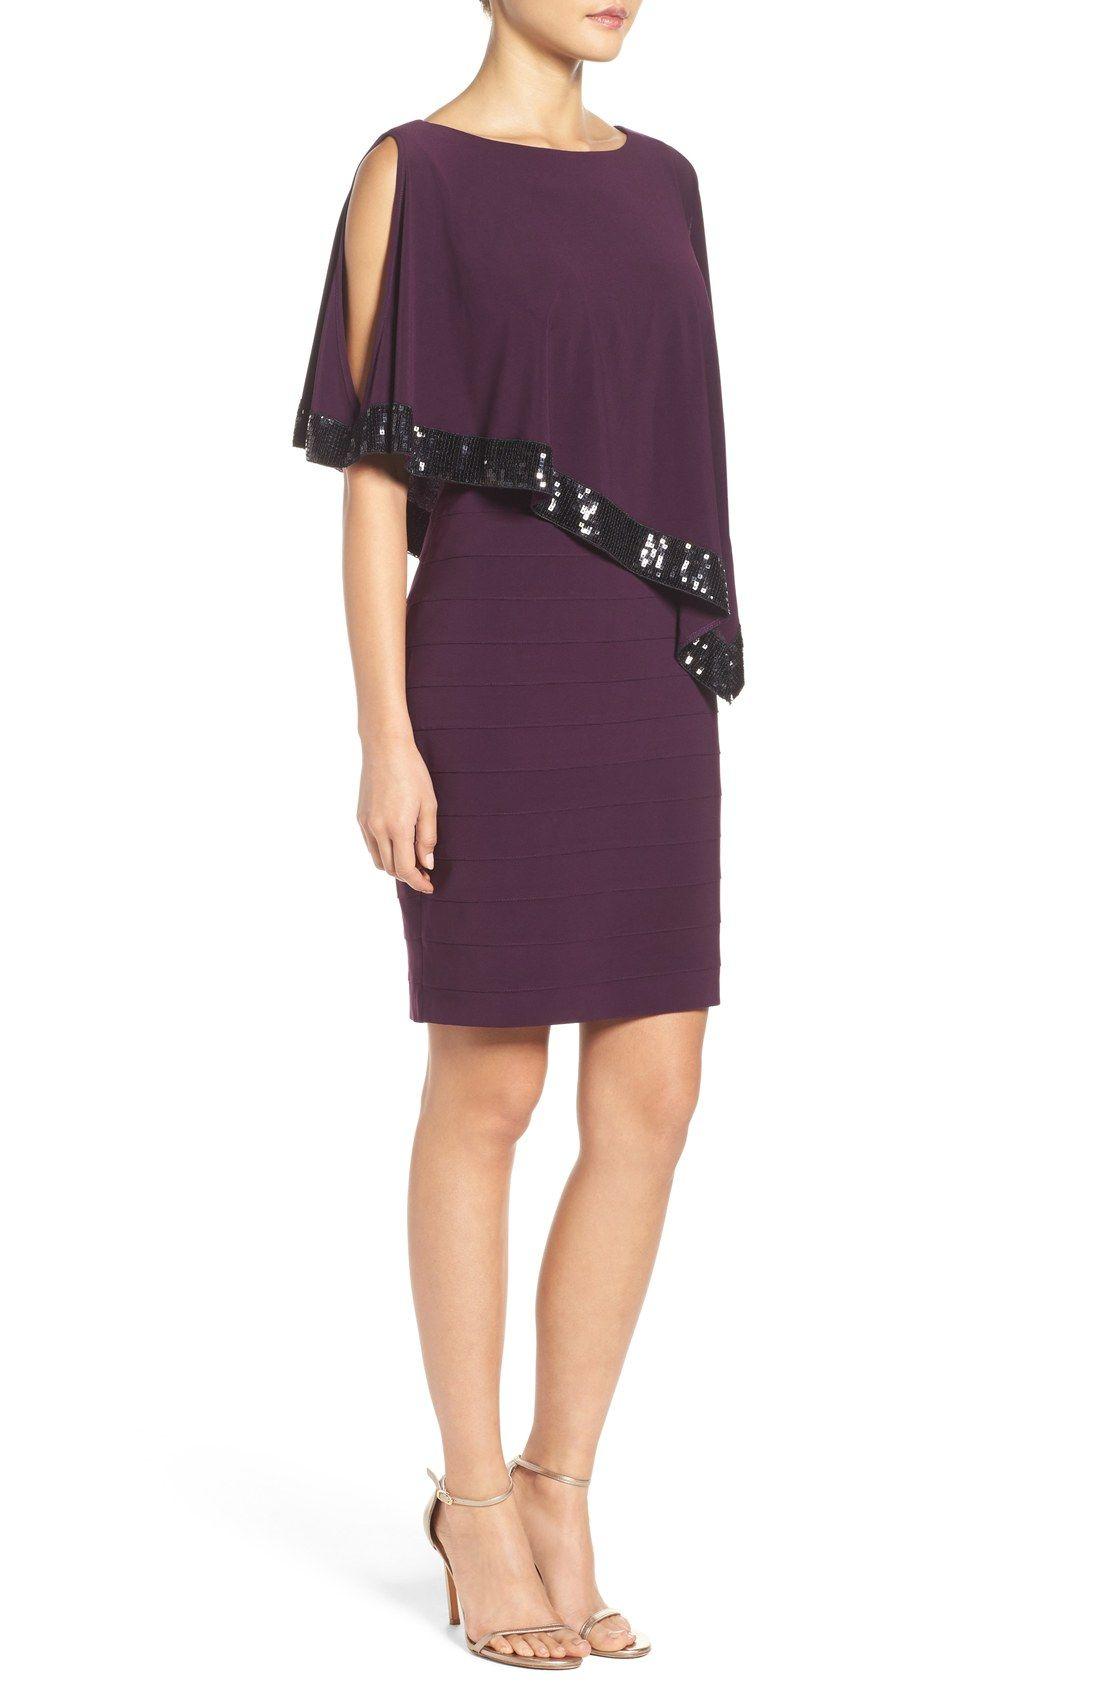 Product Image 3 | Giyim | Pinterest | Mas de, Blusas y Vestiditos